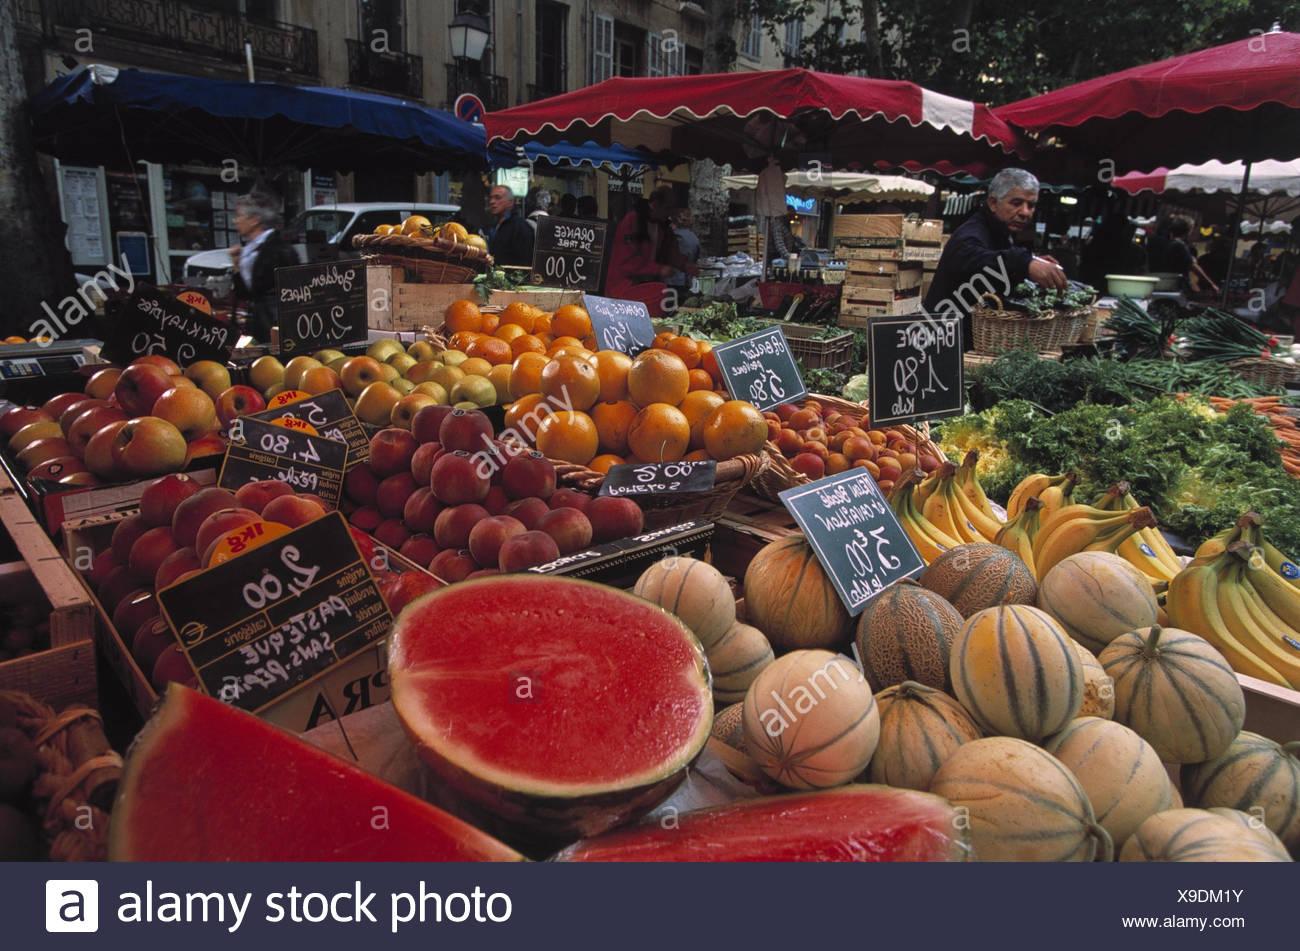 Frankreich, Aix-en-Provence, Wochenmarkt, Verkauf, Südfrüchte  Europa, Südfrankreich, Provence, Marktplatz, Markt, Nahrungsmittel, Lebensmitte, Früchte, Obst, verkaufen, Wirtschaft, außen - Stock Image